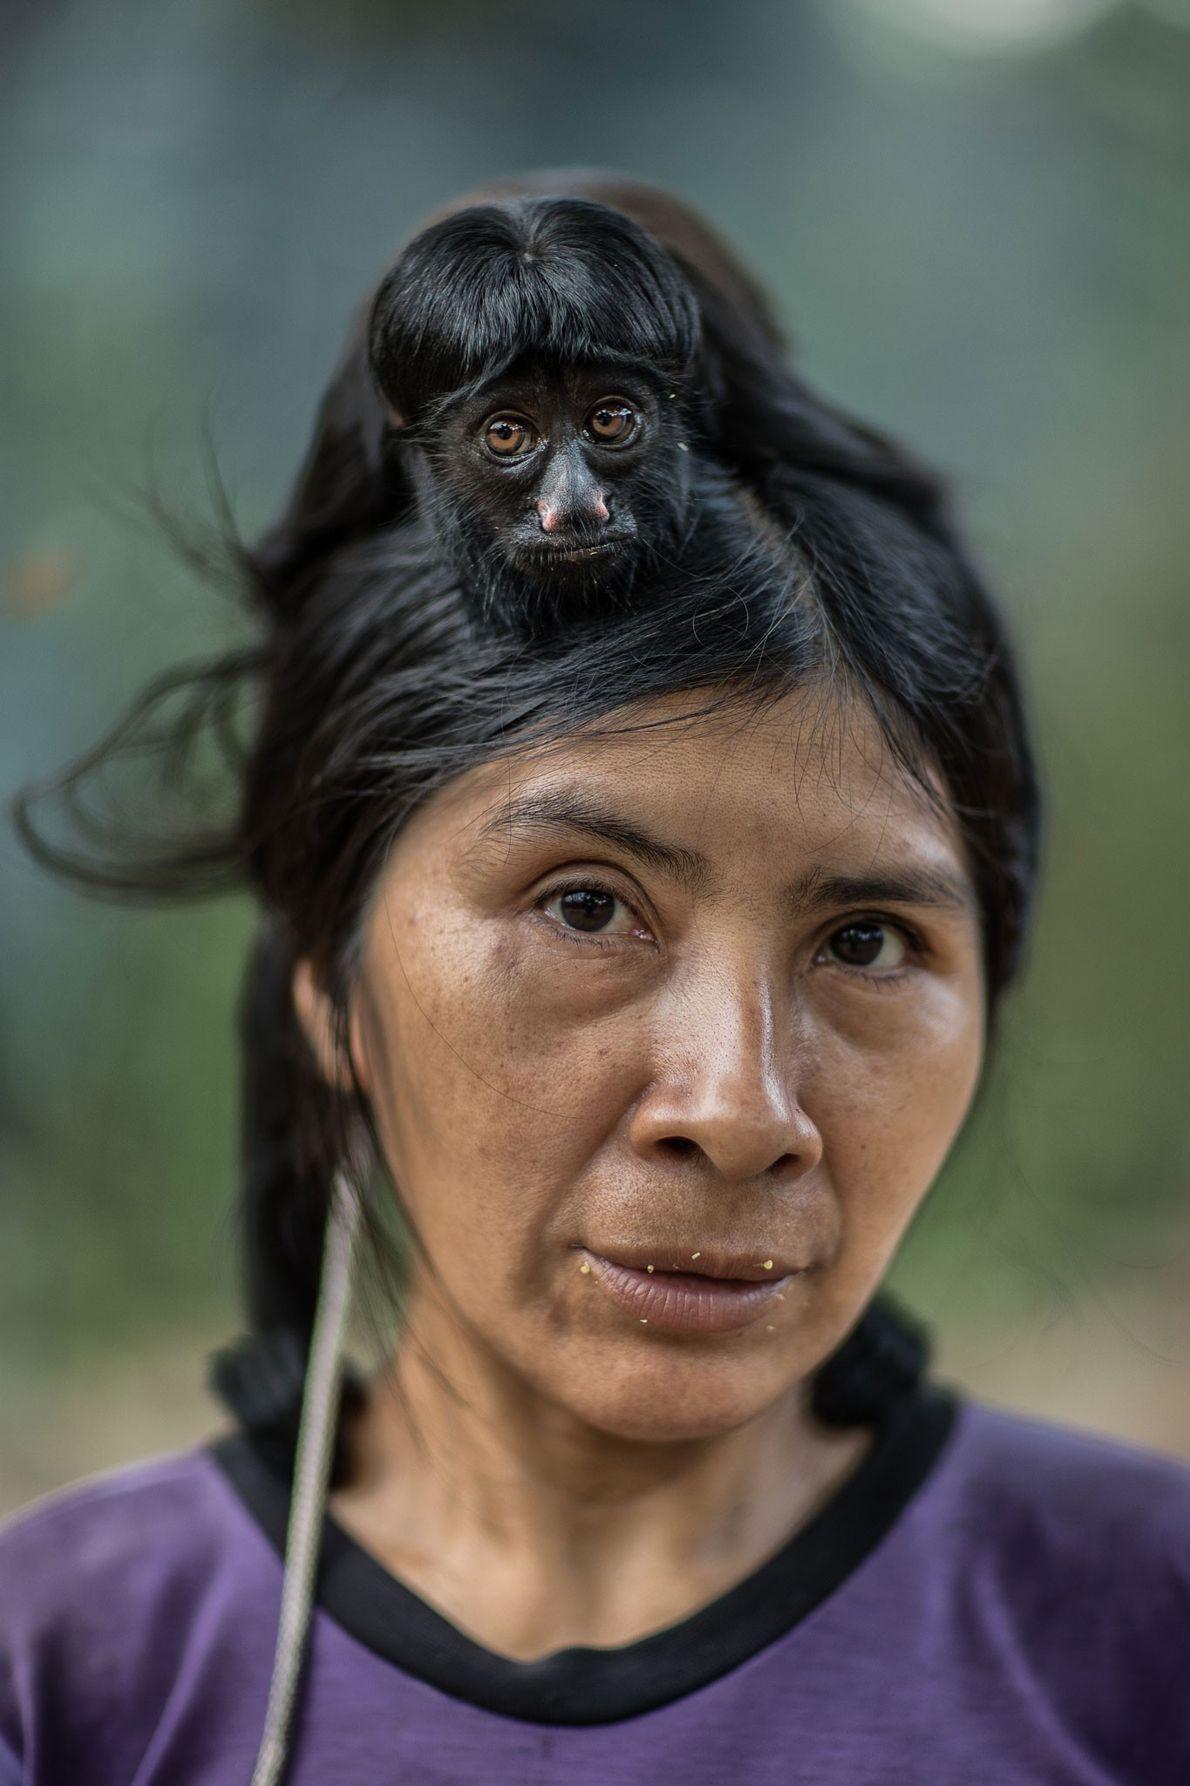 Ayhuan lleva un sakí barbudo negro